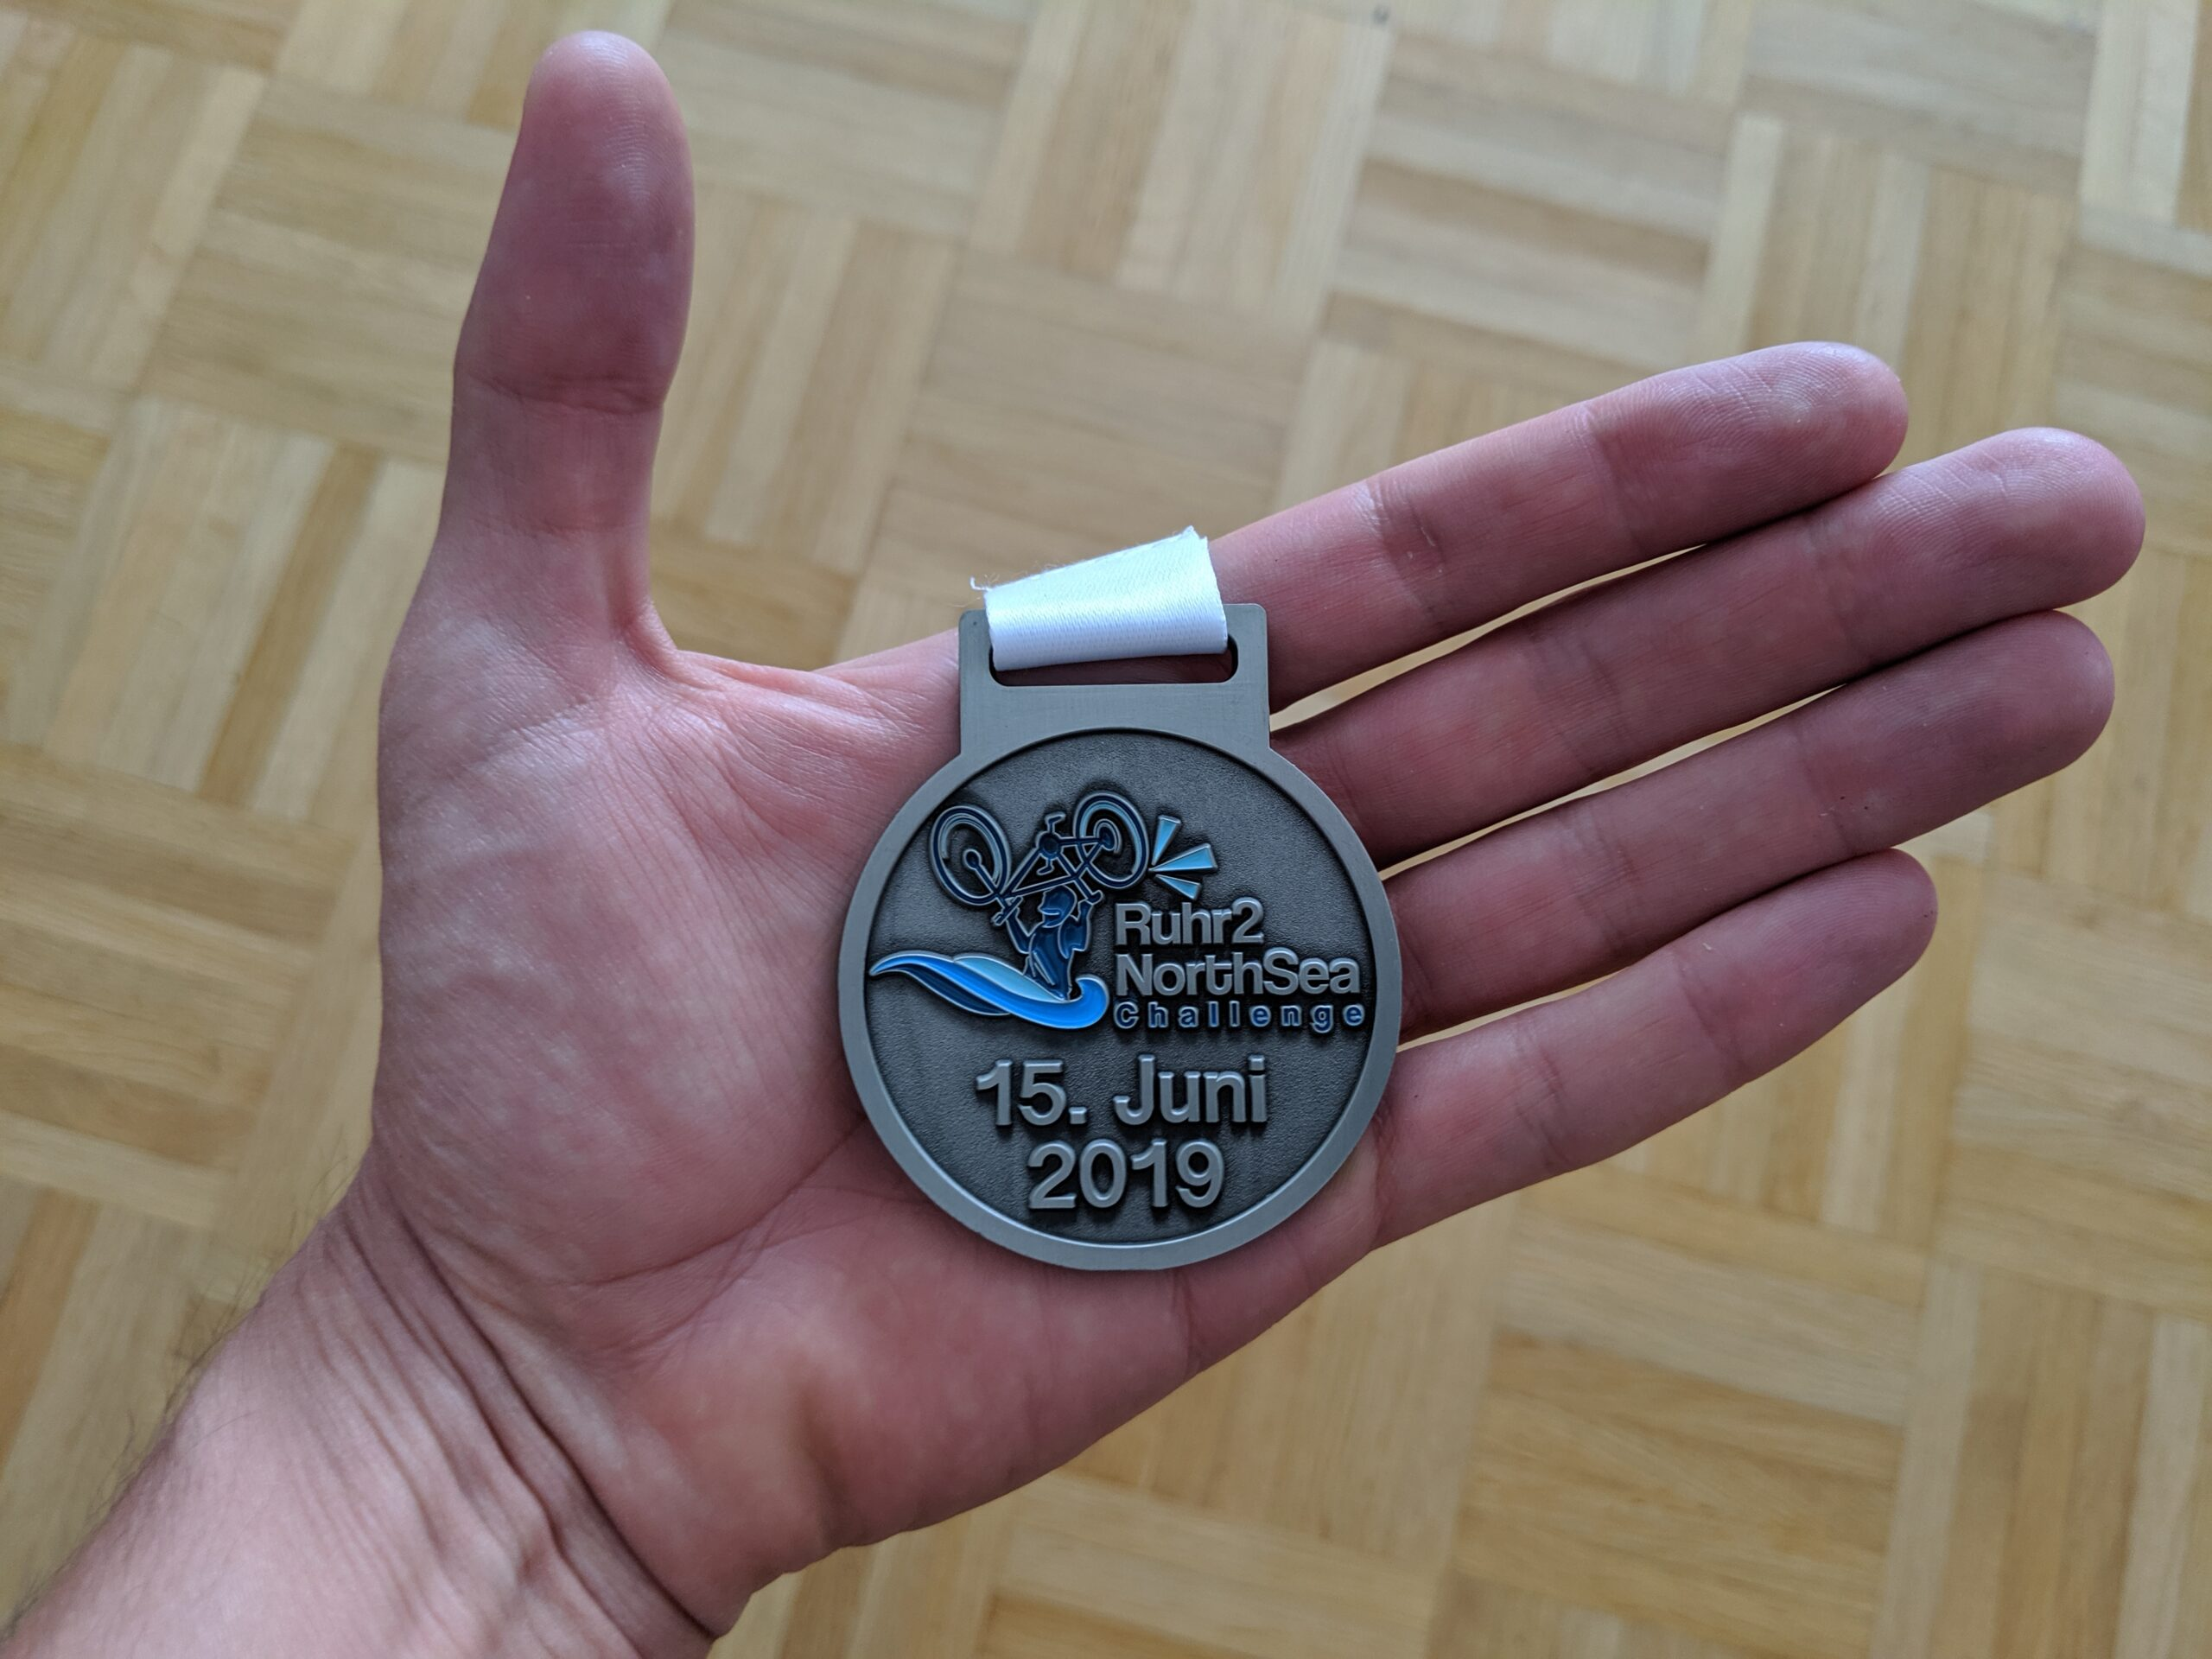 Eine Finisher-Medaille gab's übrigens auch.